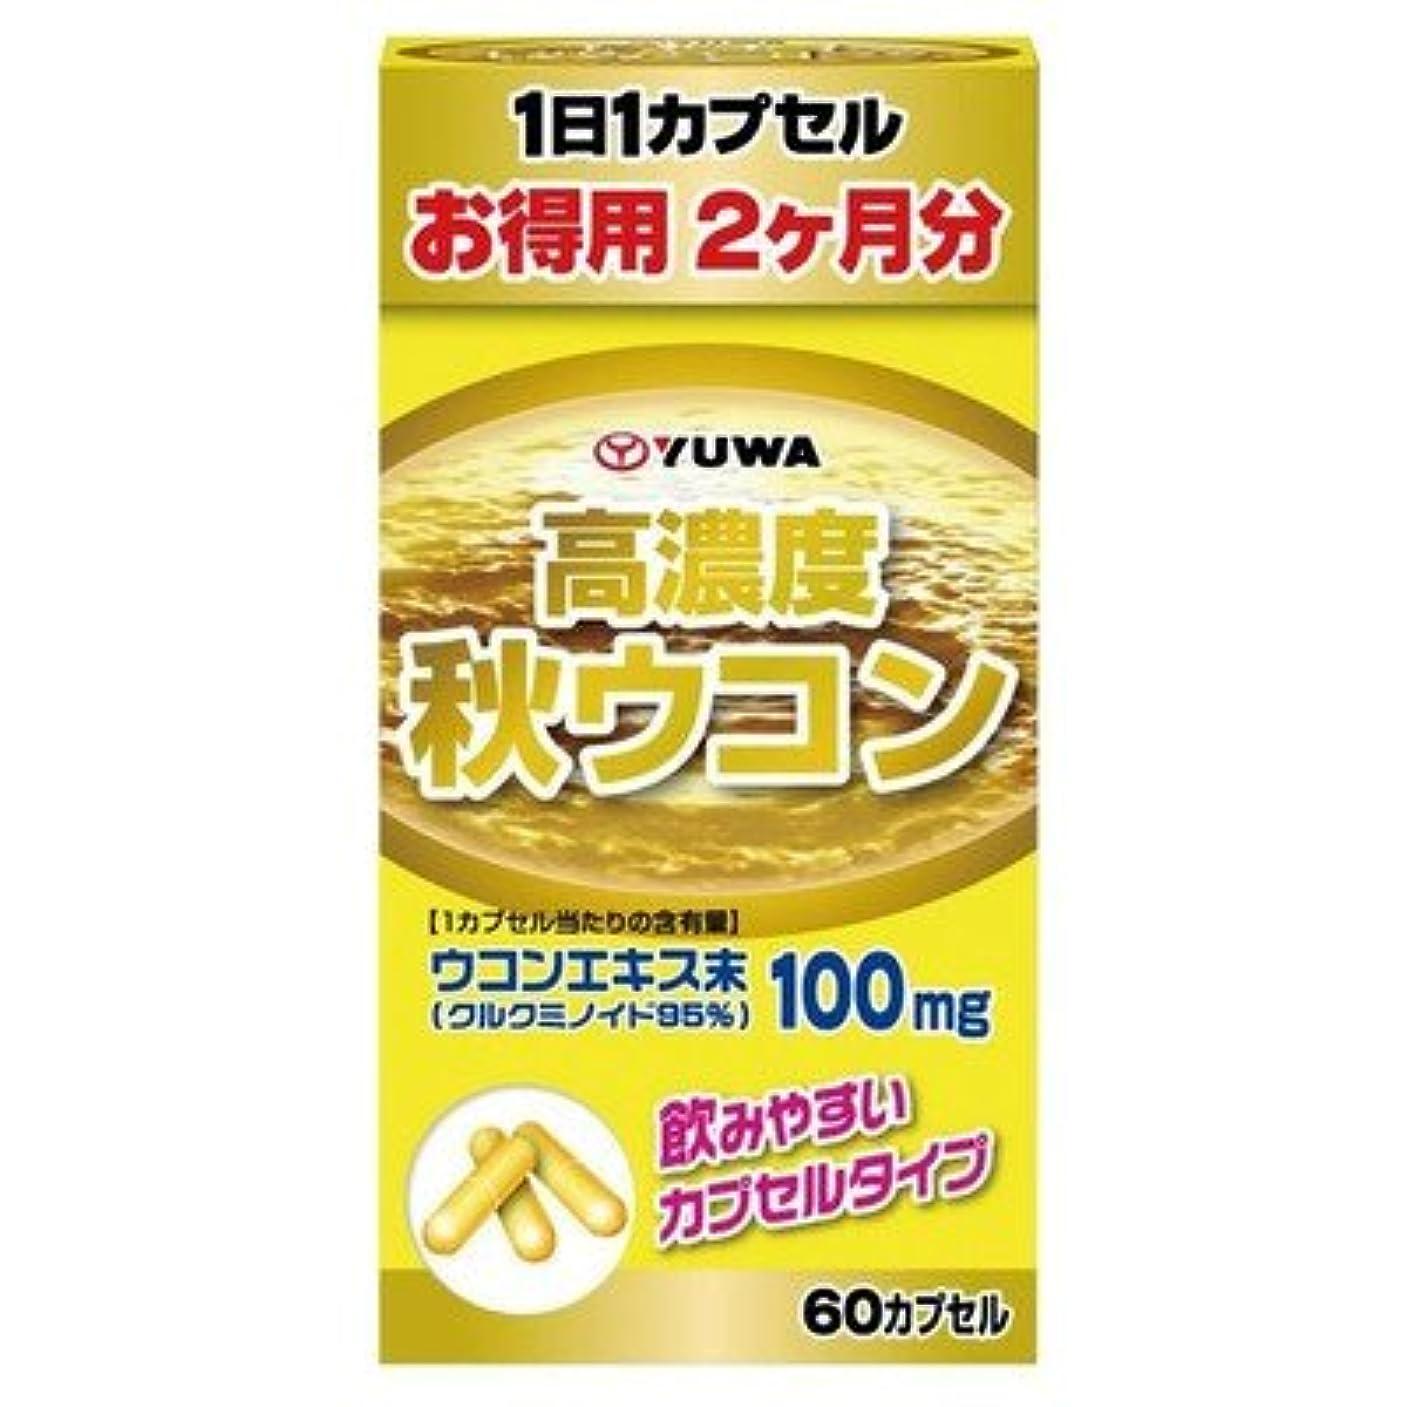 シェル会話インレイユーワ 高濃度秋ウコン お得用約2ヶ月分 60カプセル 1490